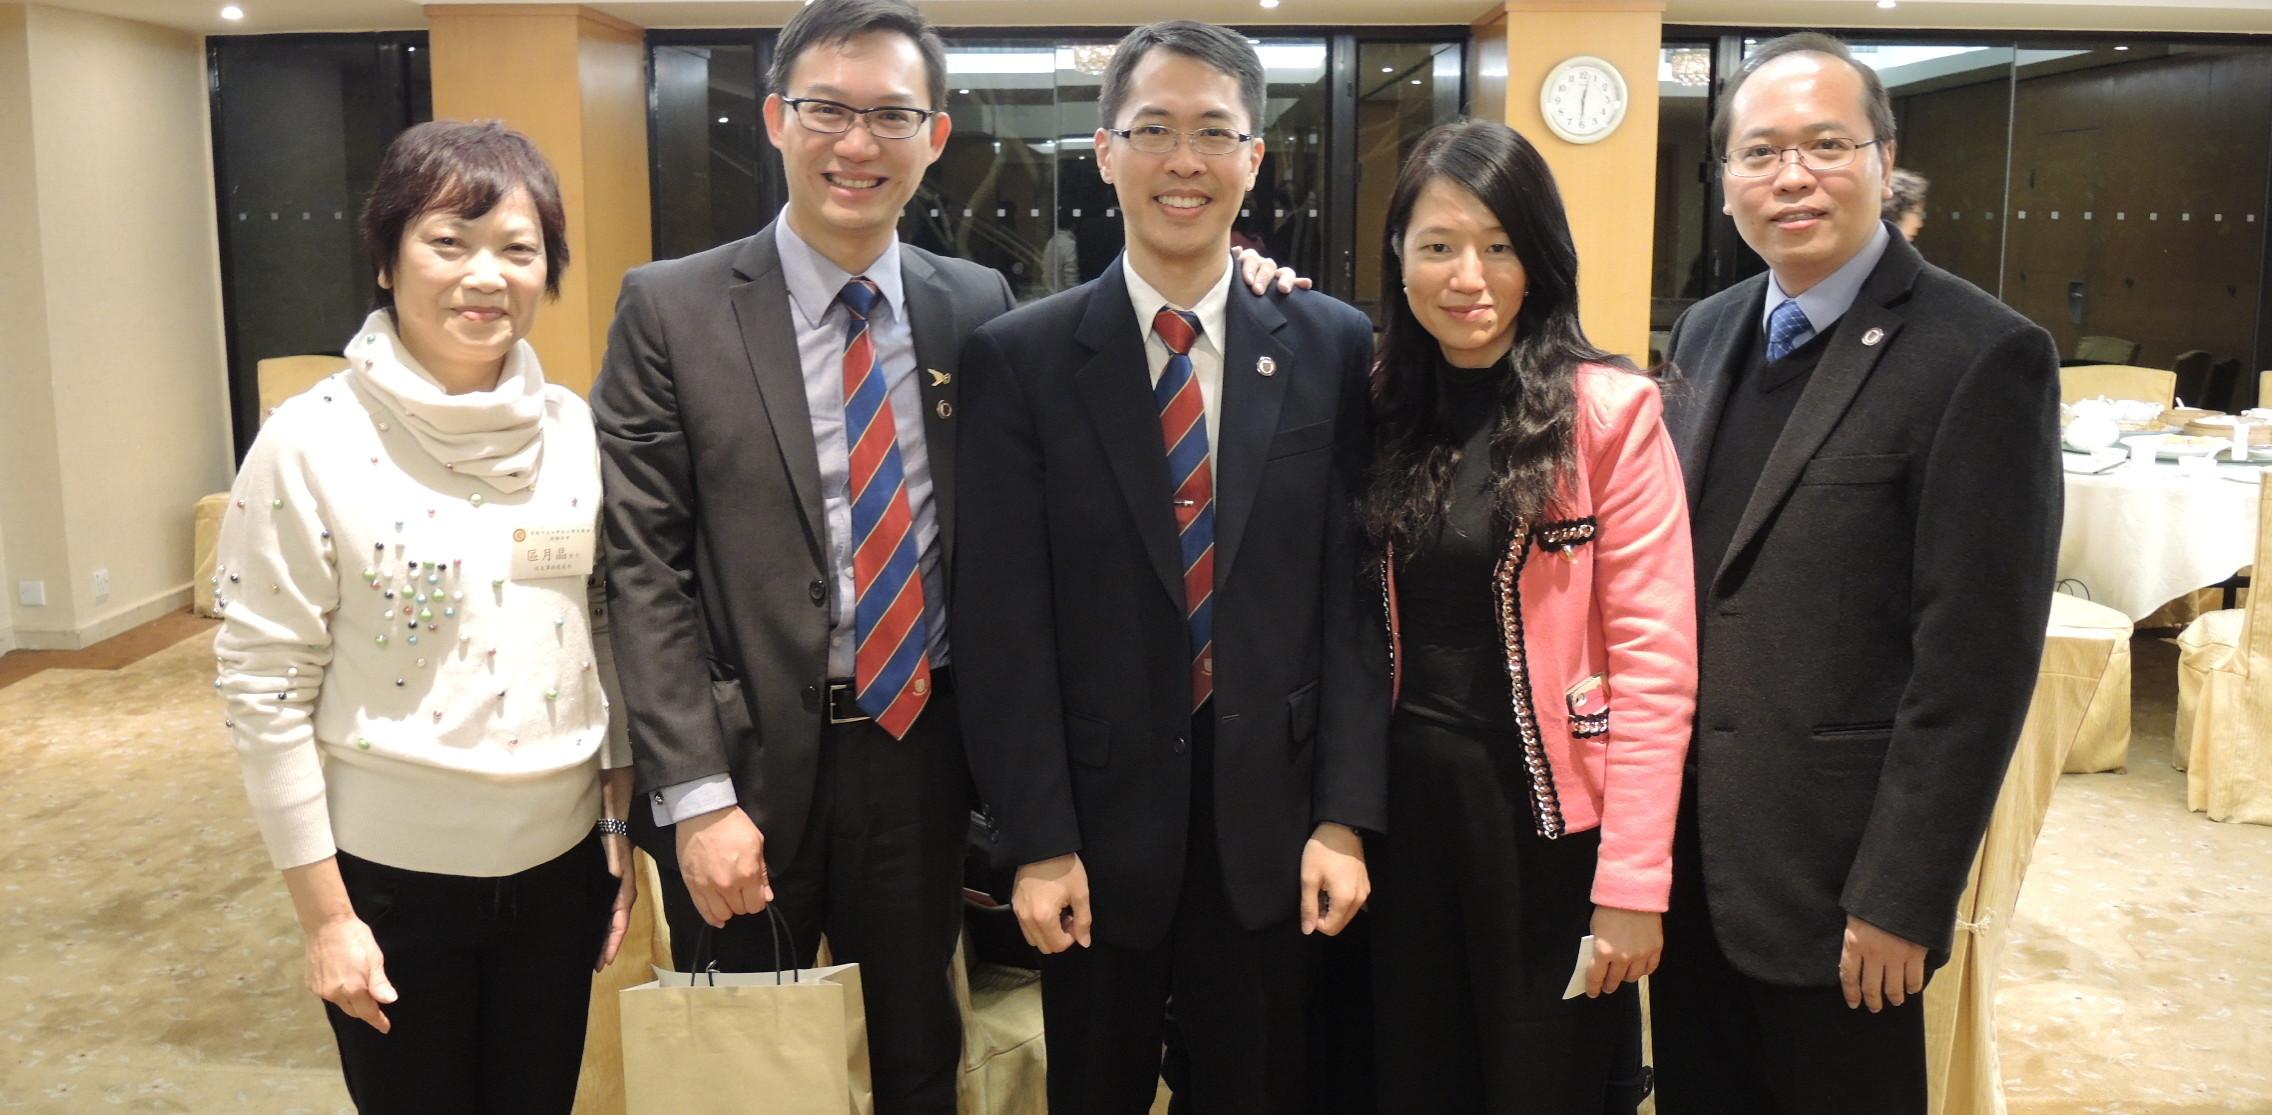 20141205 - CUHK Alumni Torch Fund_02L1